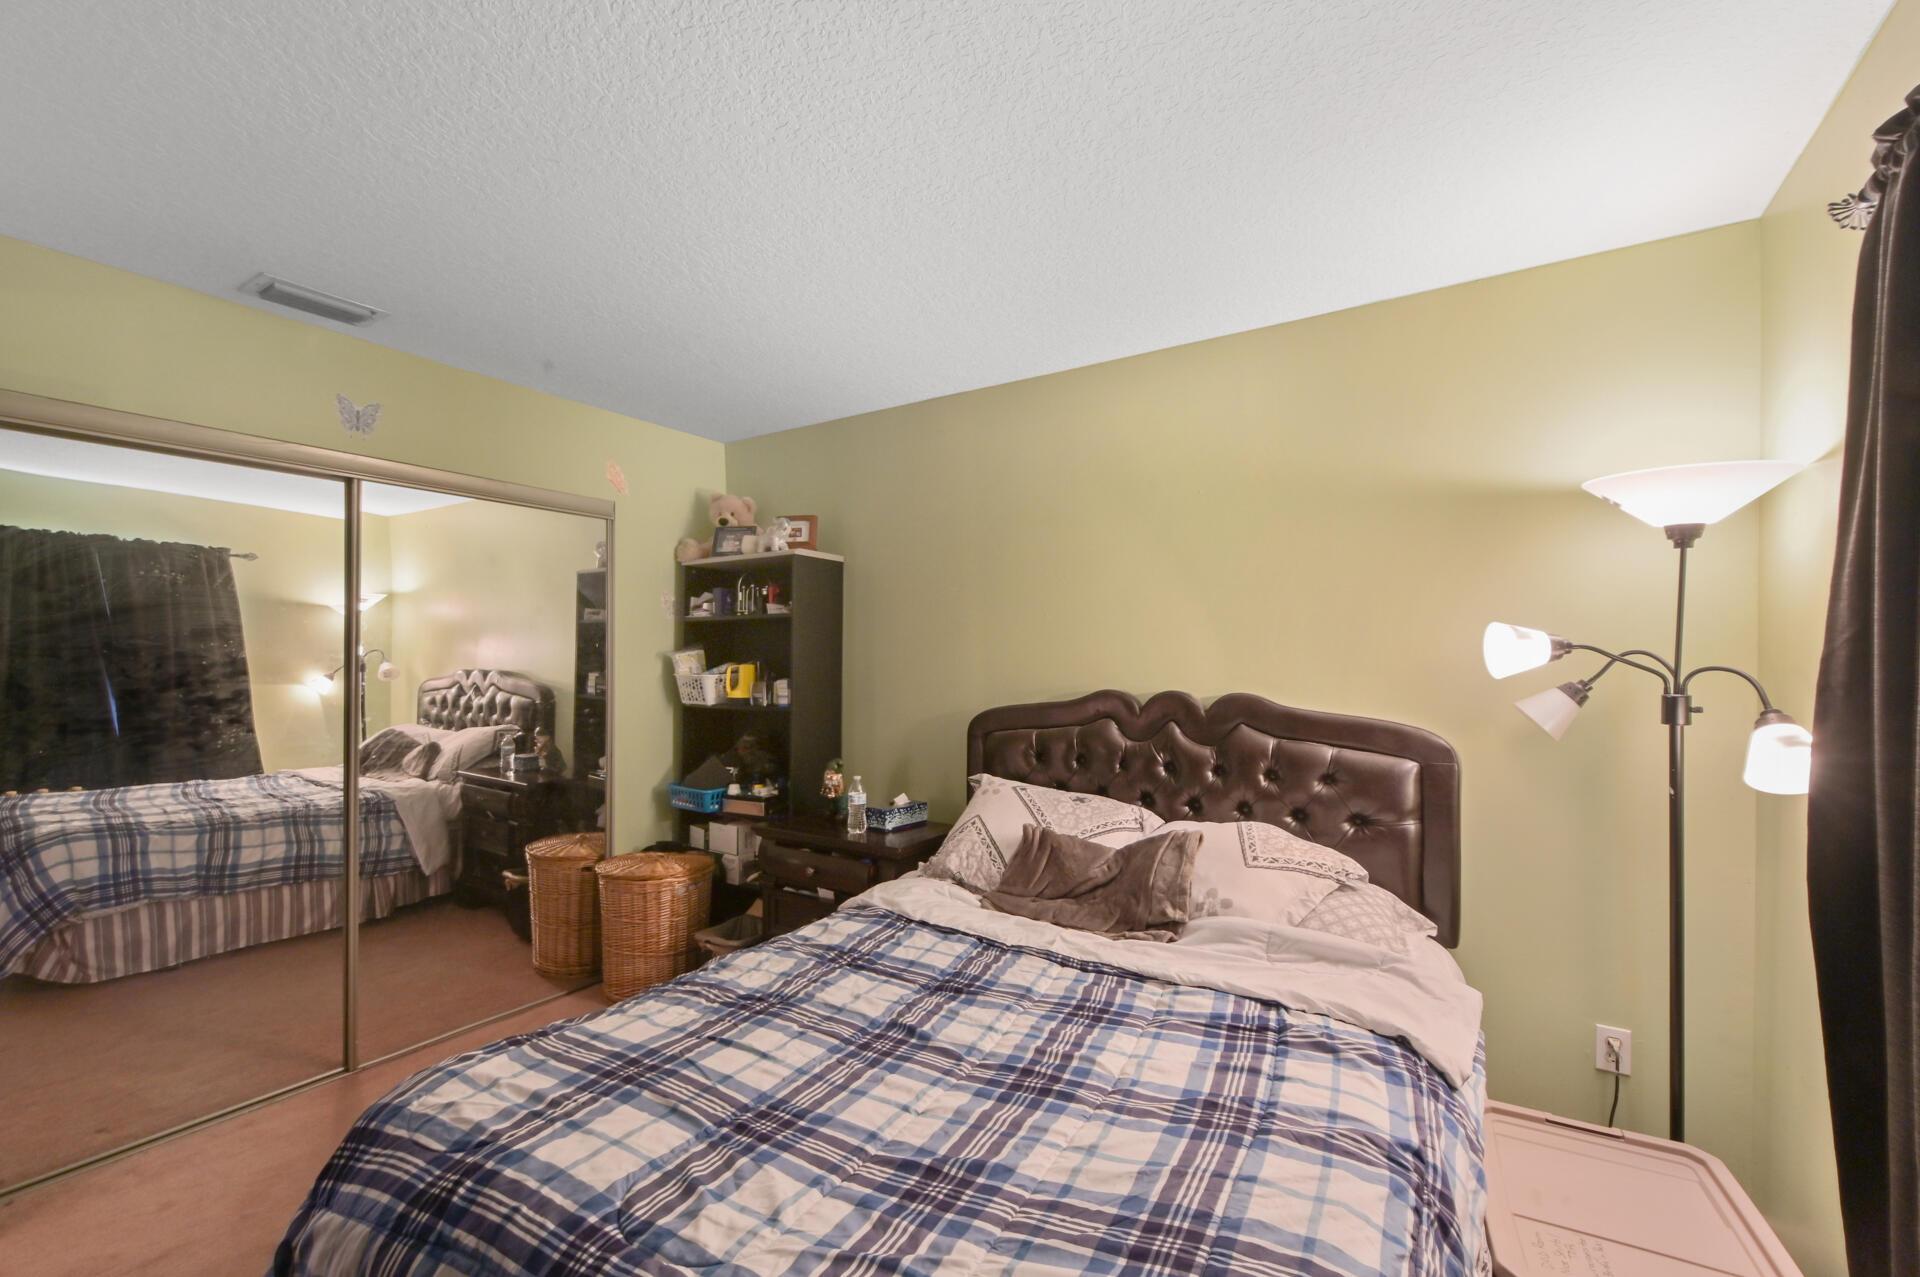 1020-03 Bedroom_002